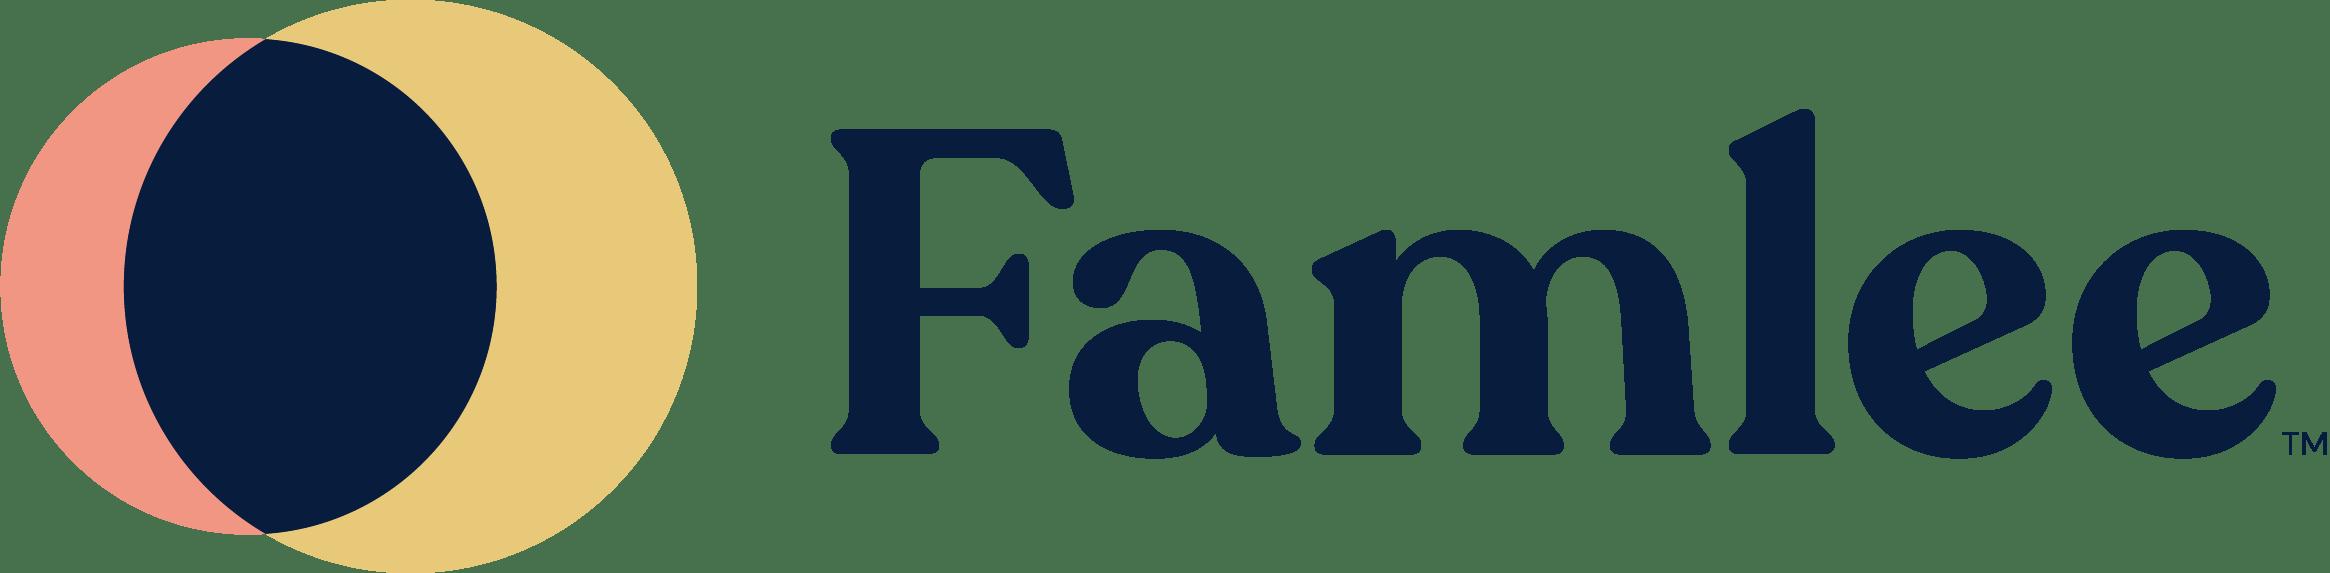 famlee-logo